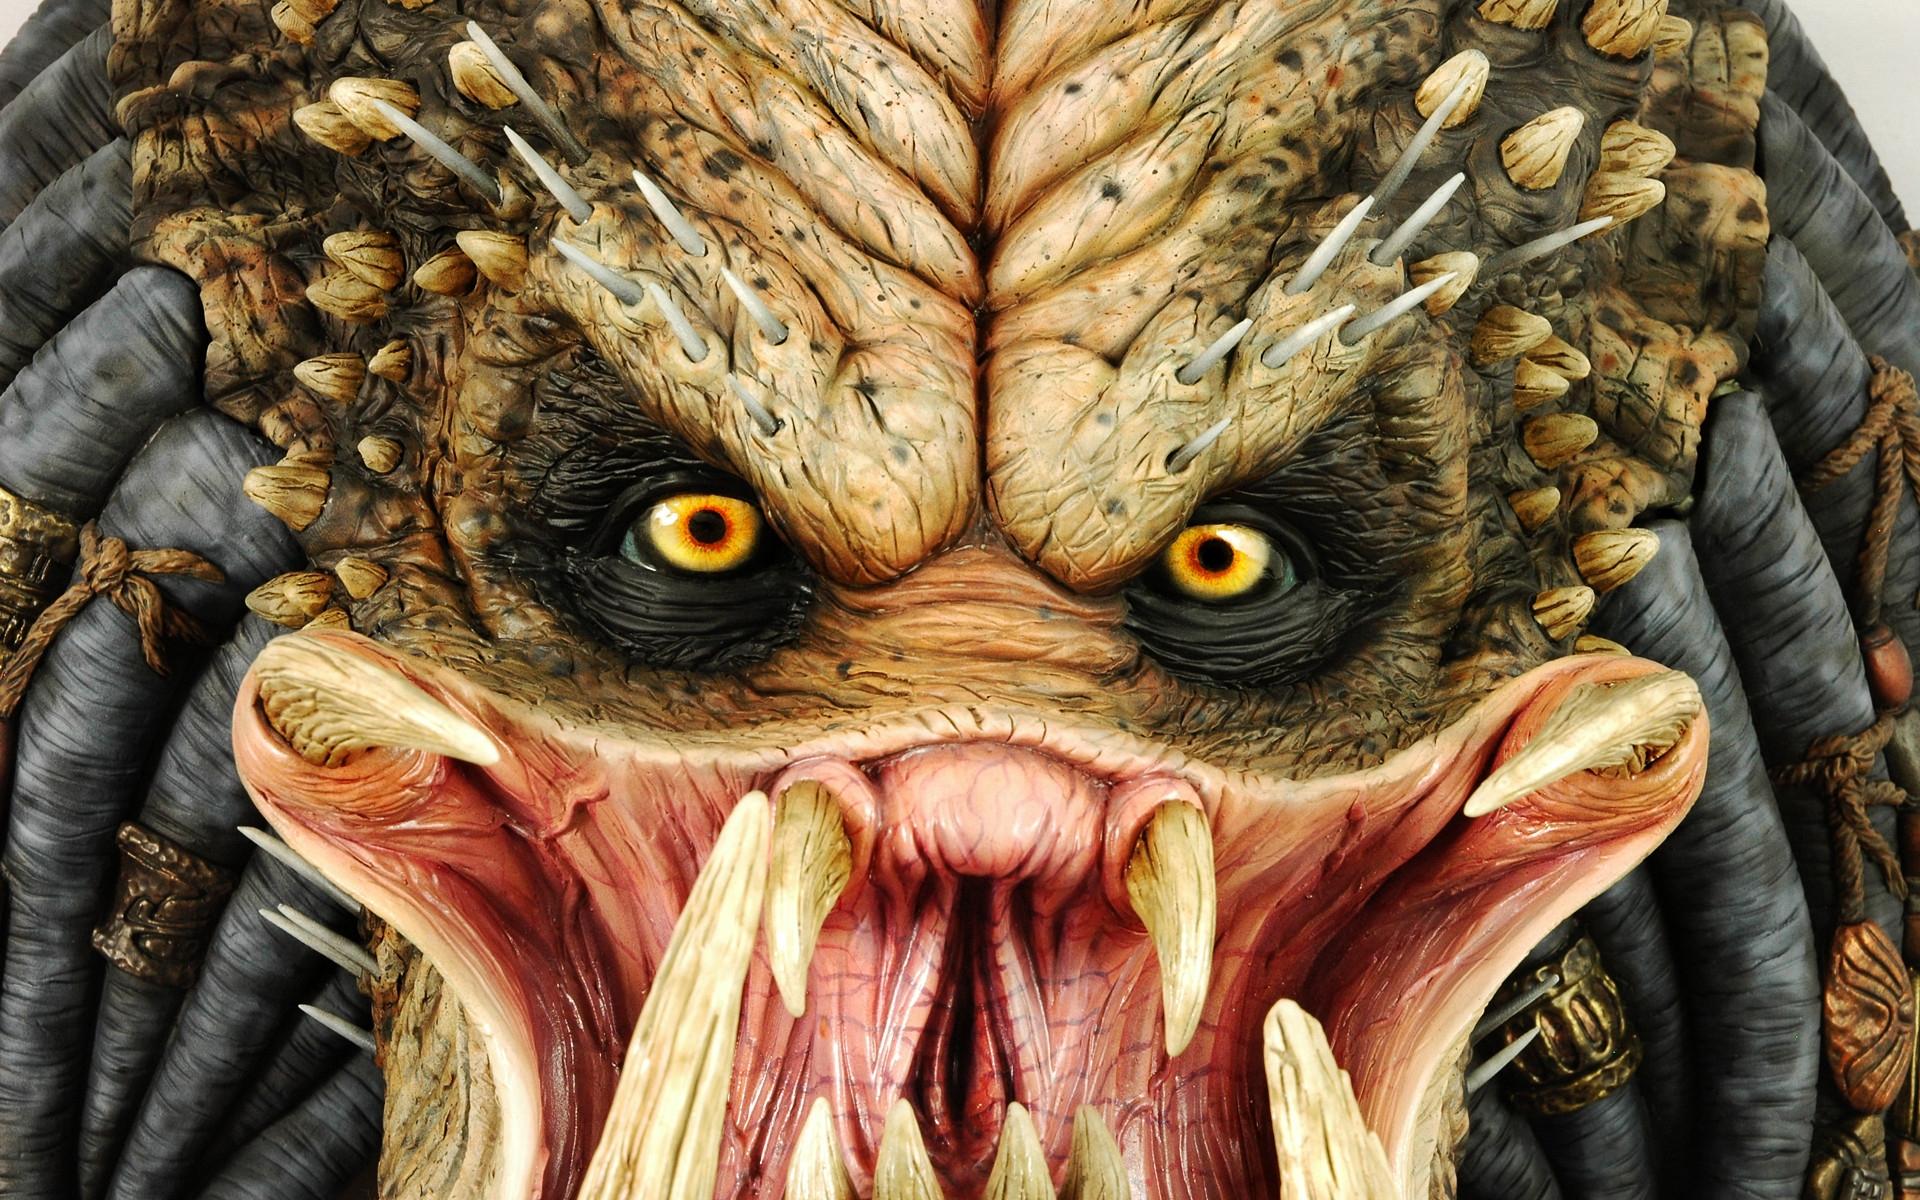 хищник, alien wallpaper, скачать обои для рабчоего стола, оскал, клыки, зубы